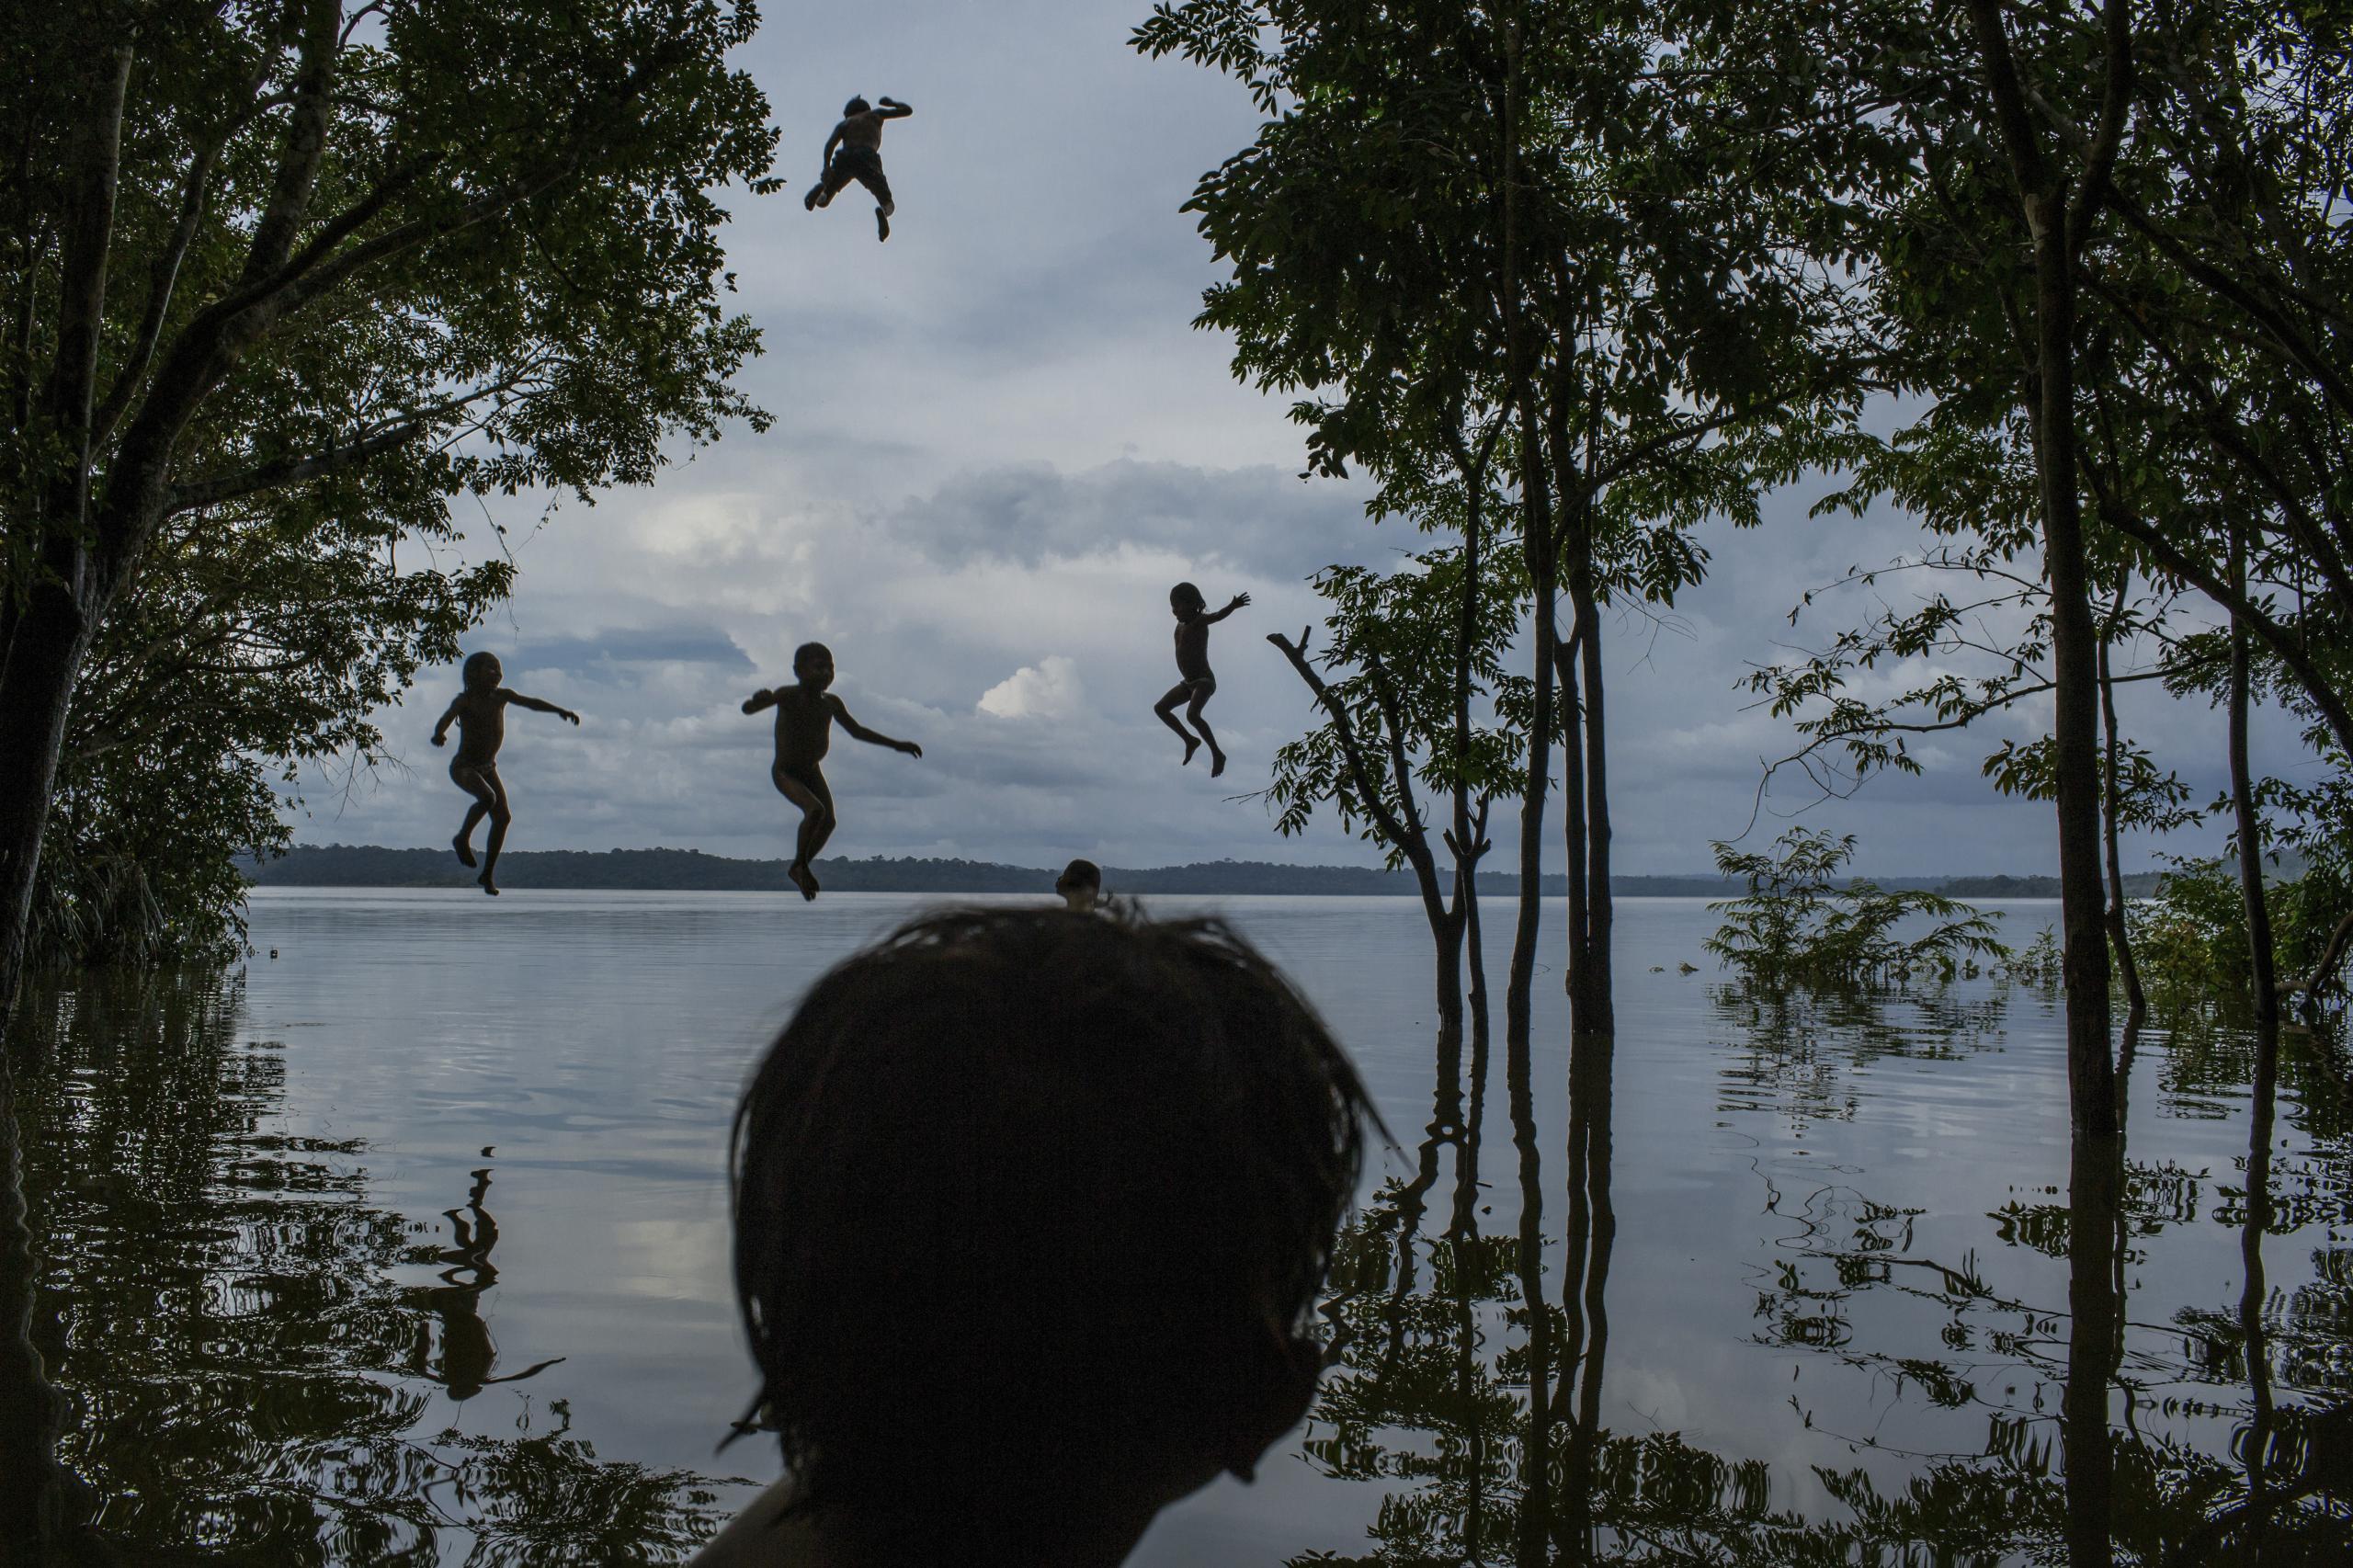 Imagem do coditiano dos Munduruku é eternizada no prêmio World Press